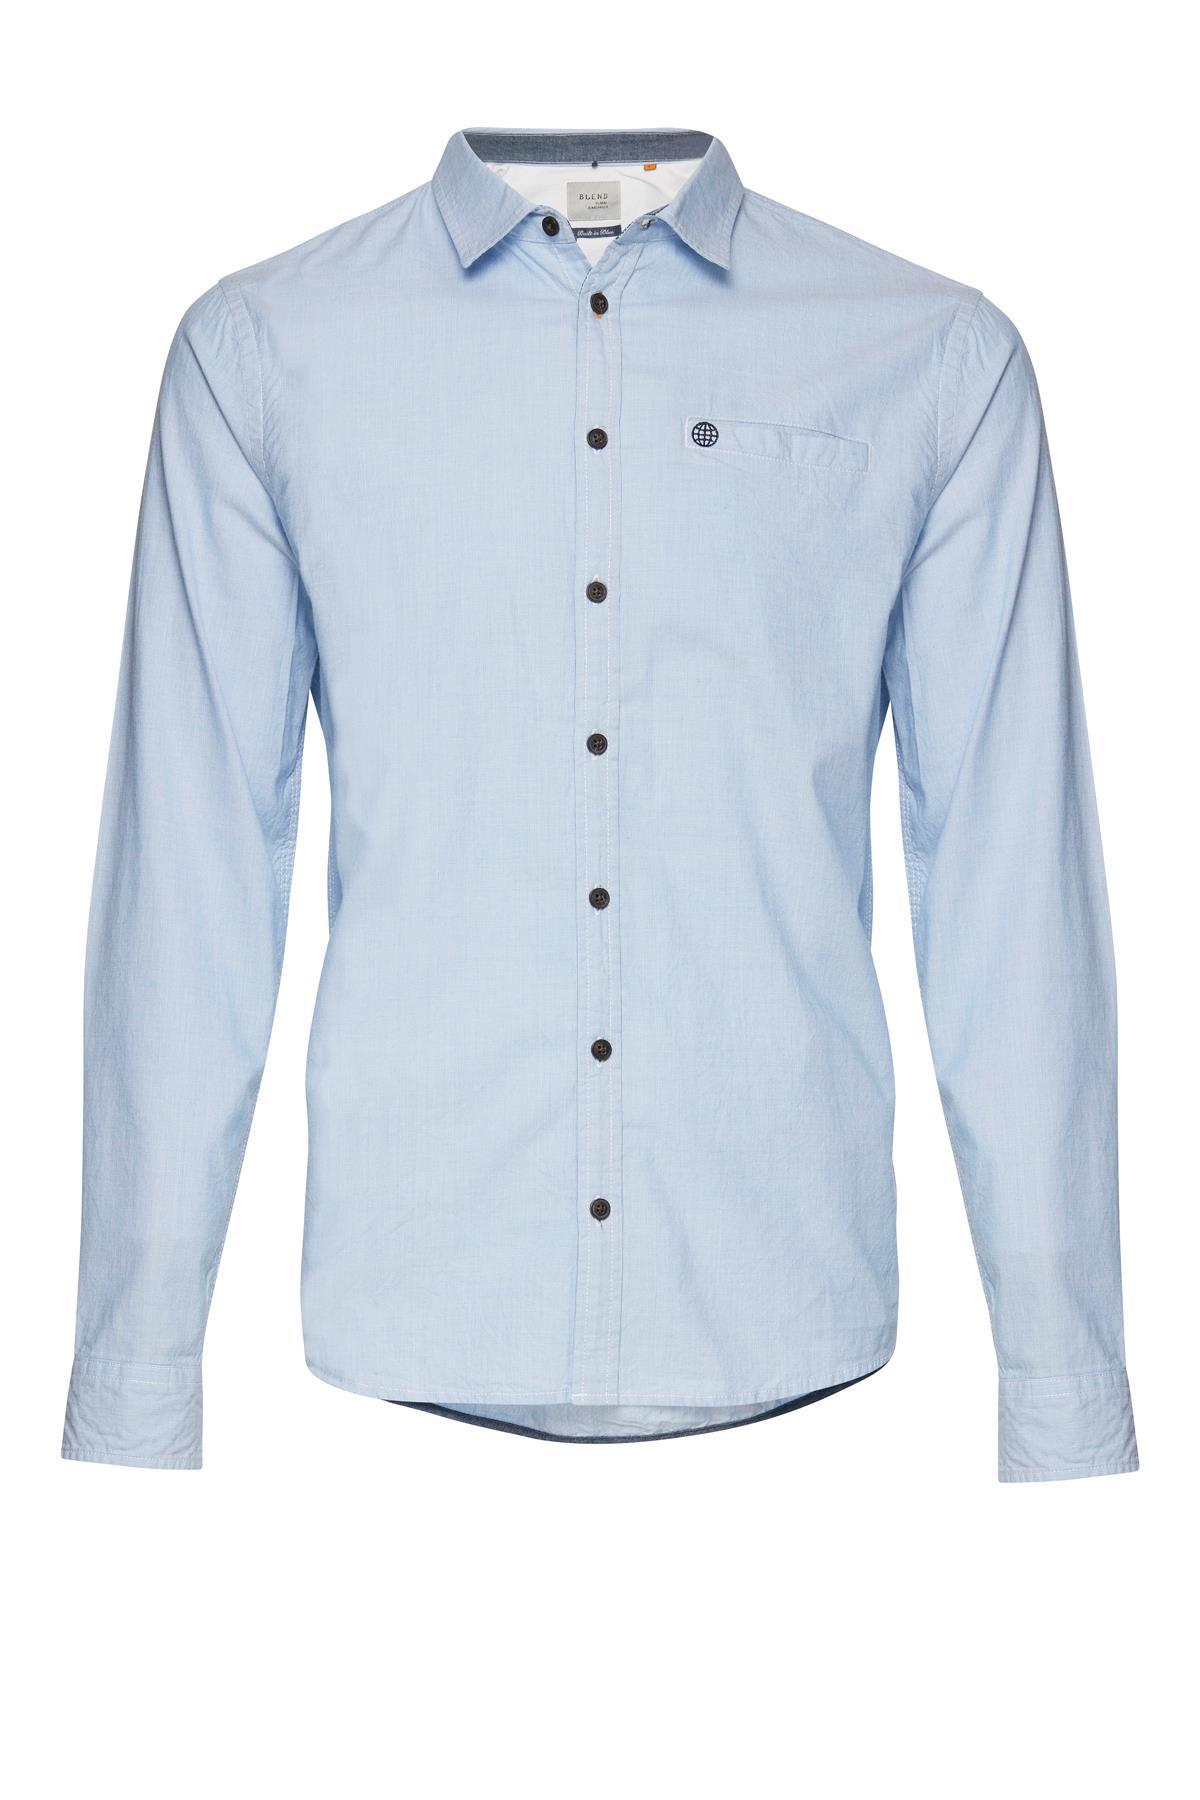 Lyseblå Langærmet skjorte – Køb Lyseblå Langærmet skjorte fra str. S-XL her